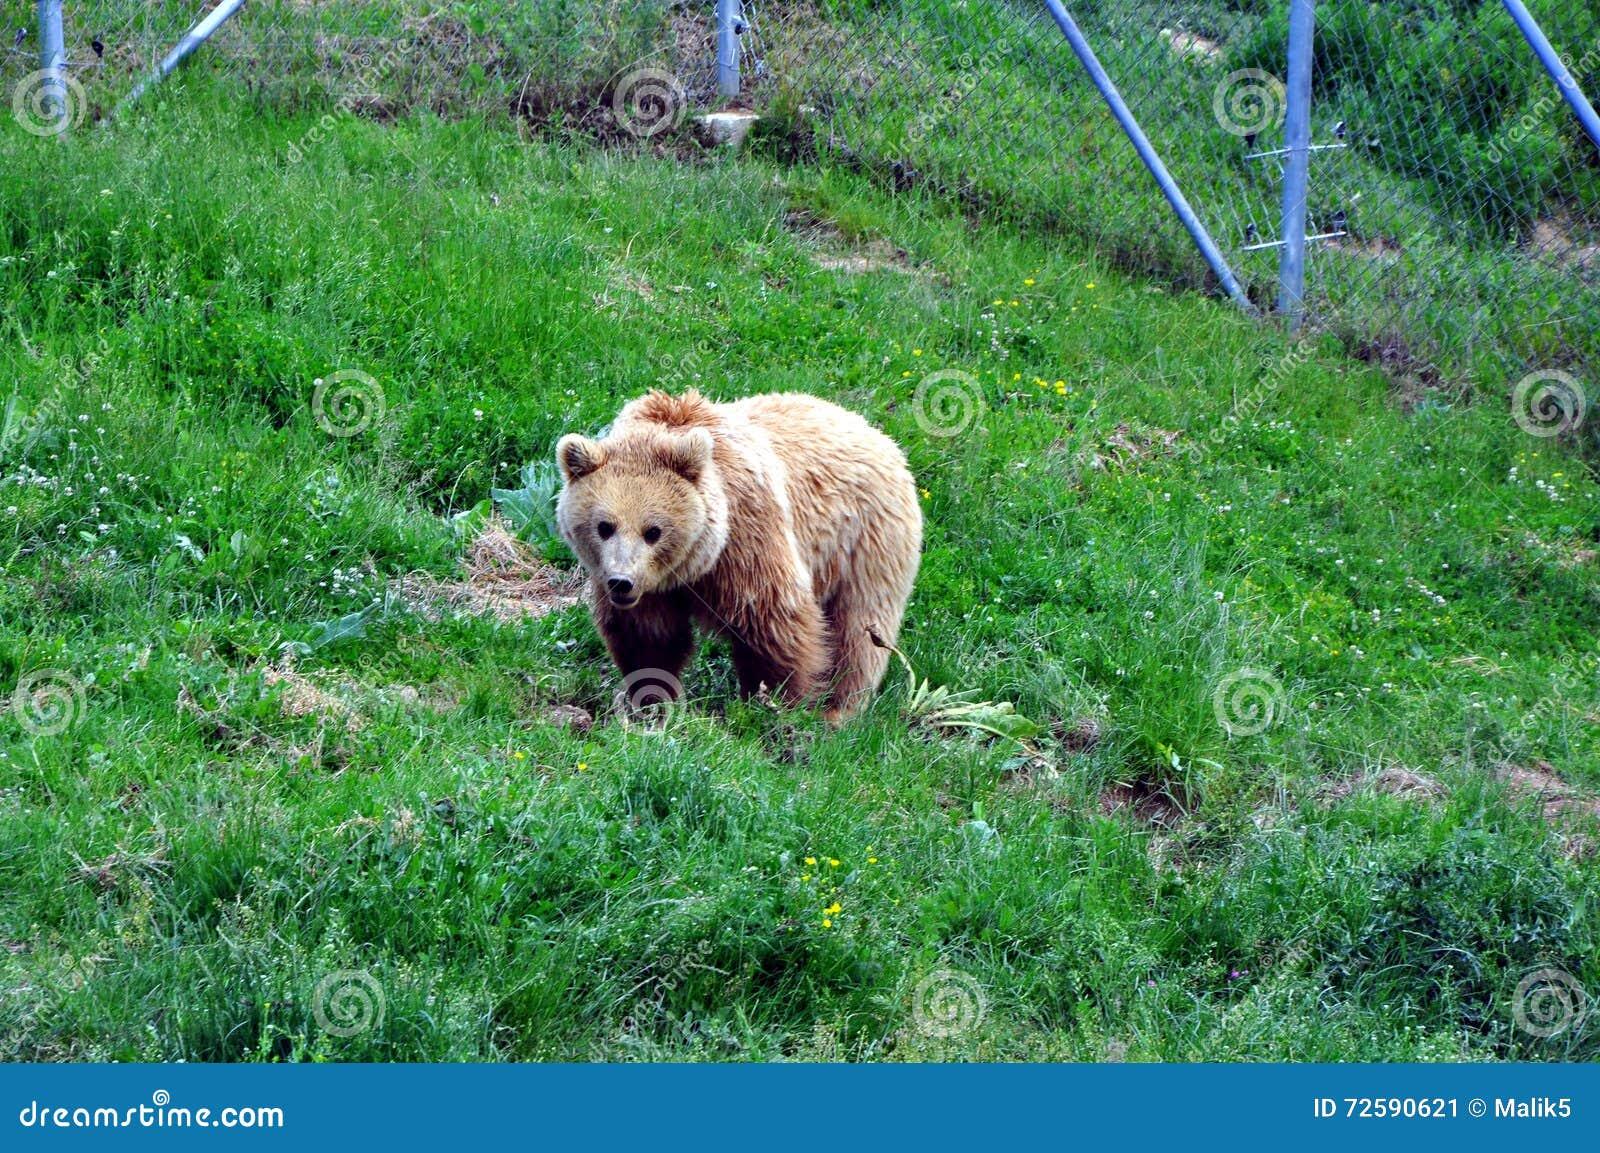 LLEVE EL SANTUARIO cerca de Prishtina para todos los osos marrones privado guardados de Kosovo's